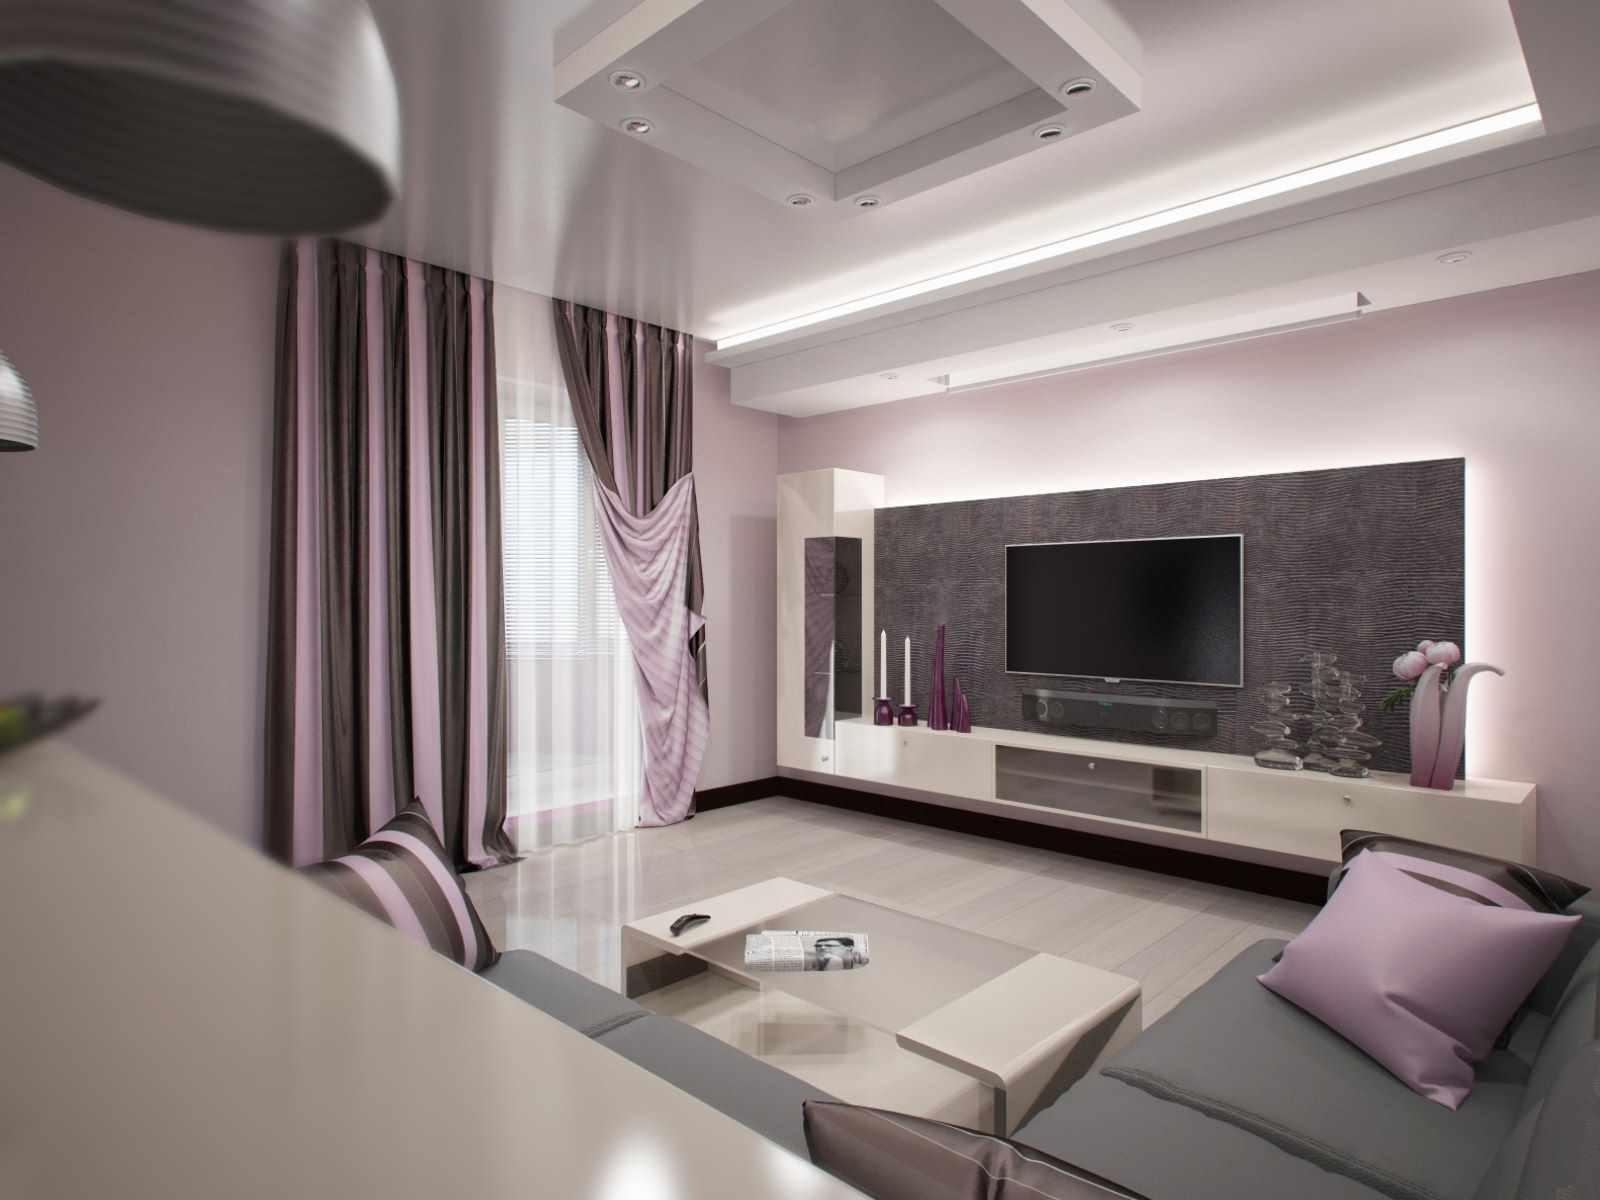 un exemple de salon lumineux de 16 m²